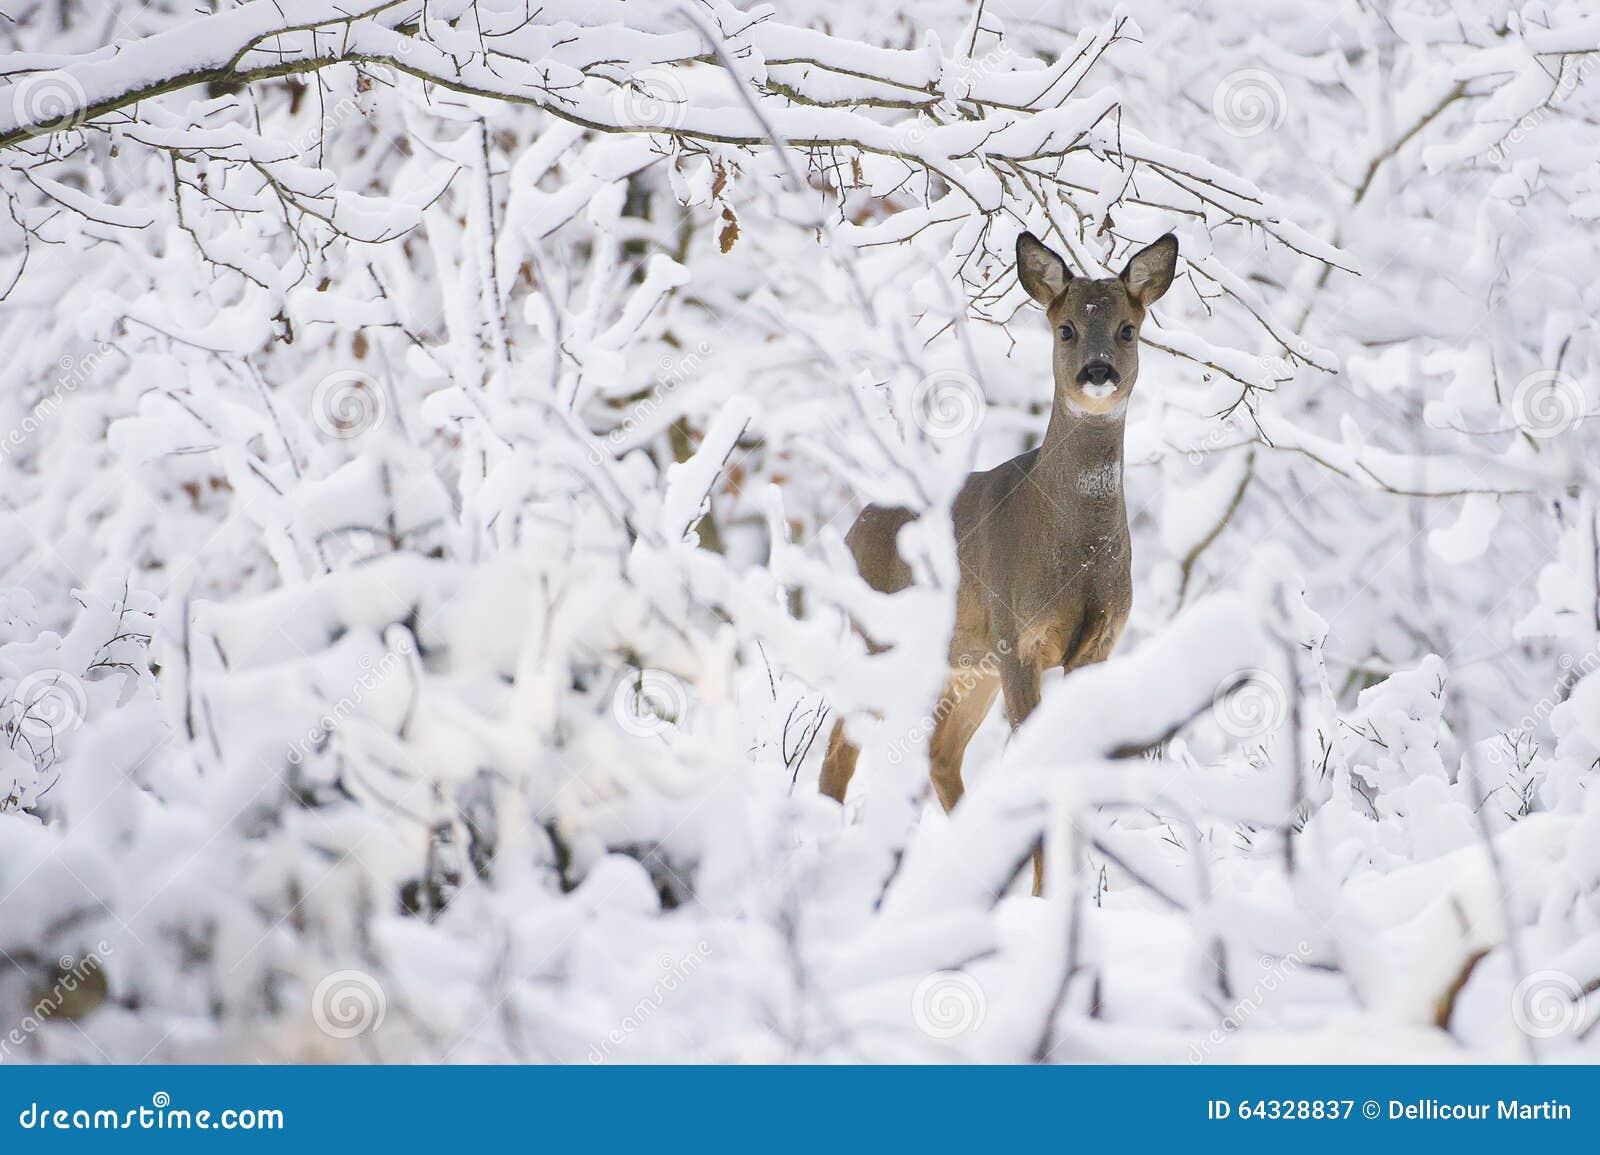 Rådjur i snön under vinter